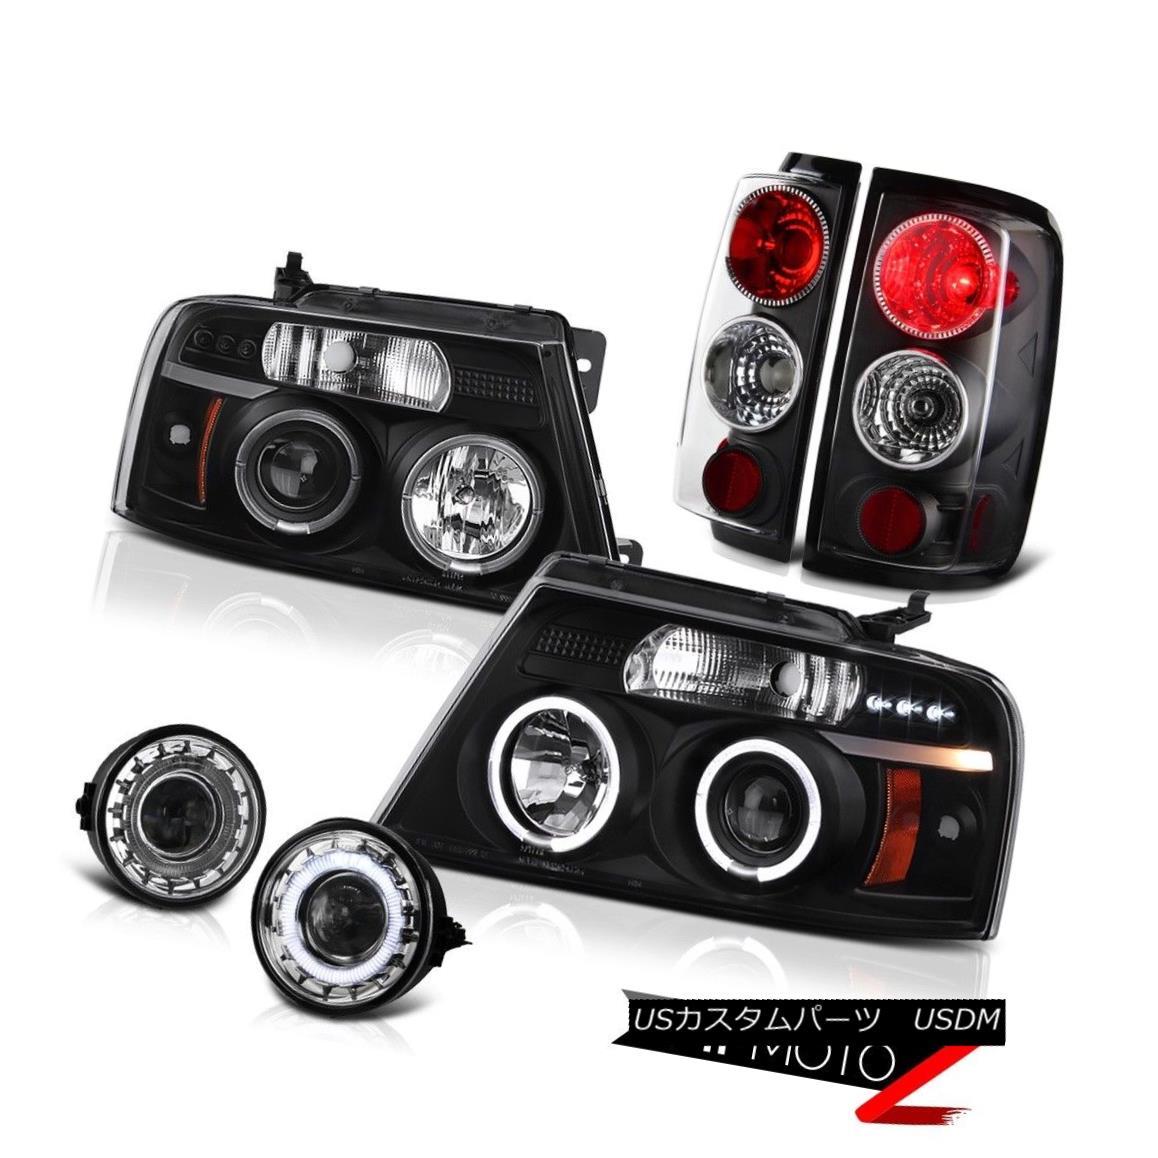 ヘッドライト 2006-2008 FORD F150 Black Dual Angel Eye Headlight Tail Lamp Projector Fog Lamps 2006-2008フォードF150ブラックデュアルエンジェルアイヘッドライトテールランププロジェクターフォグランプ